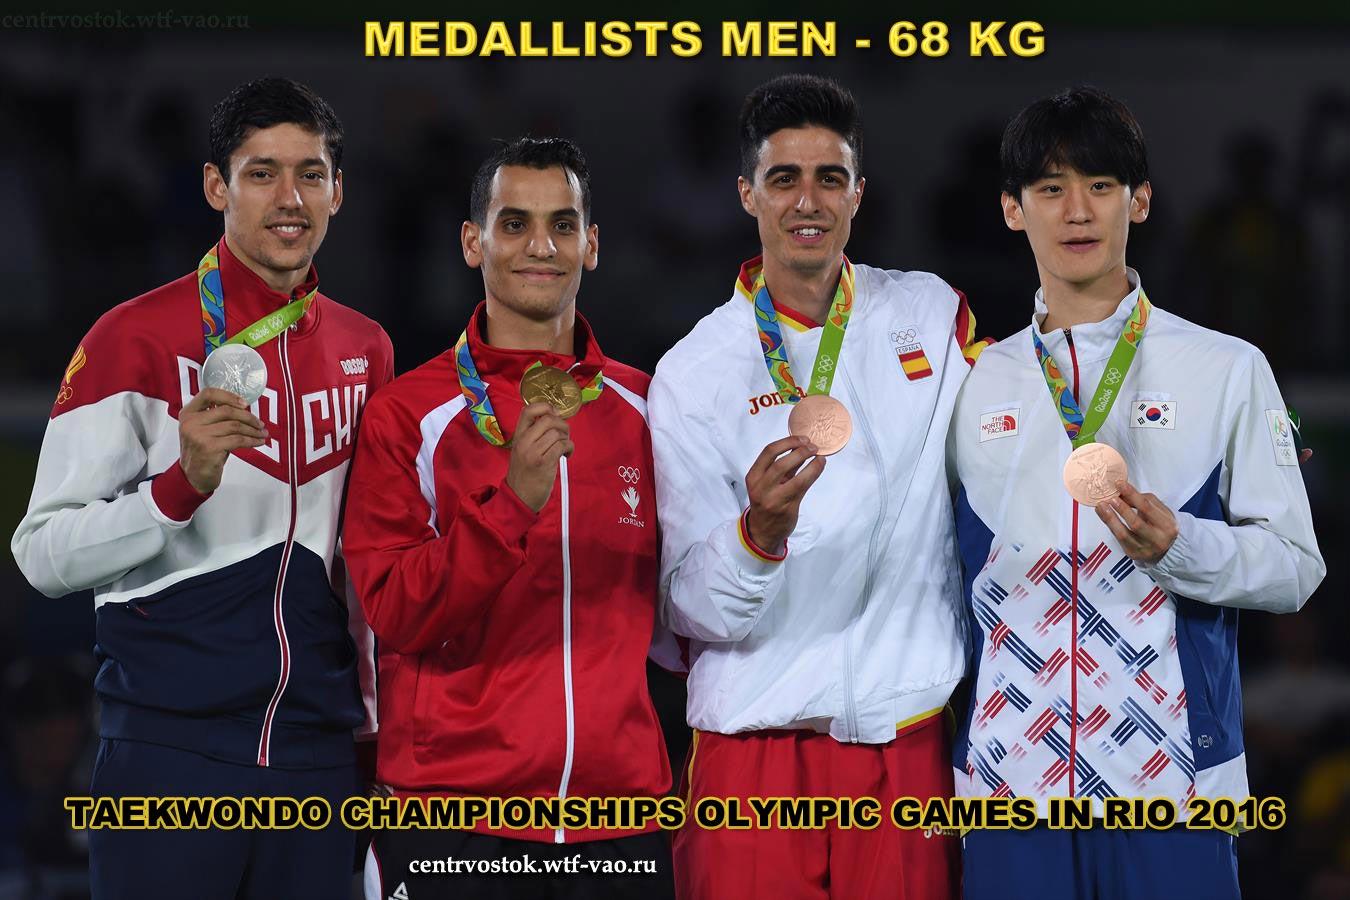 Rio_Medallist_TKD_Men-68kg